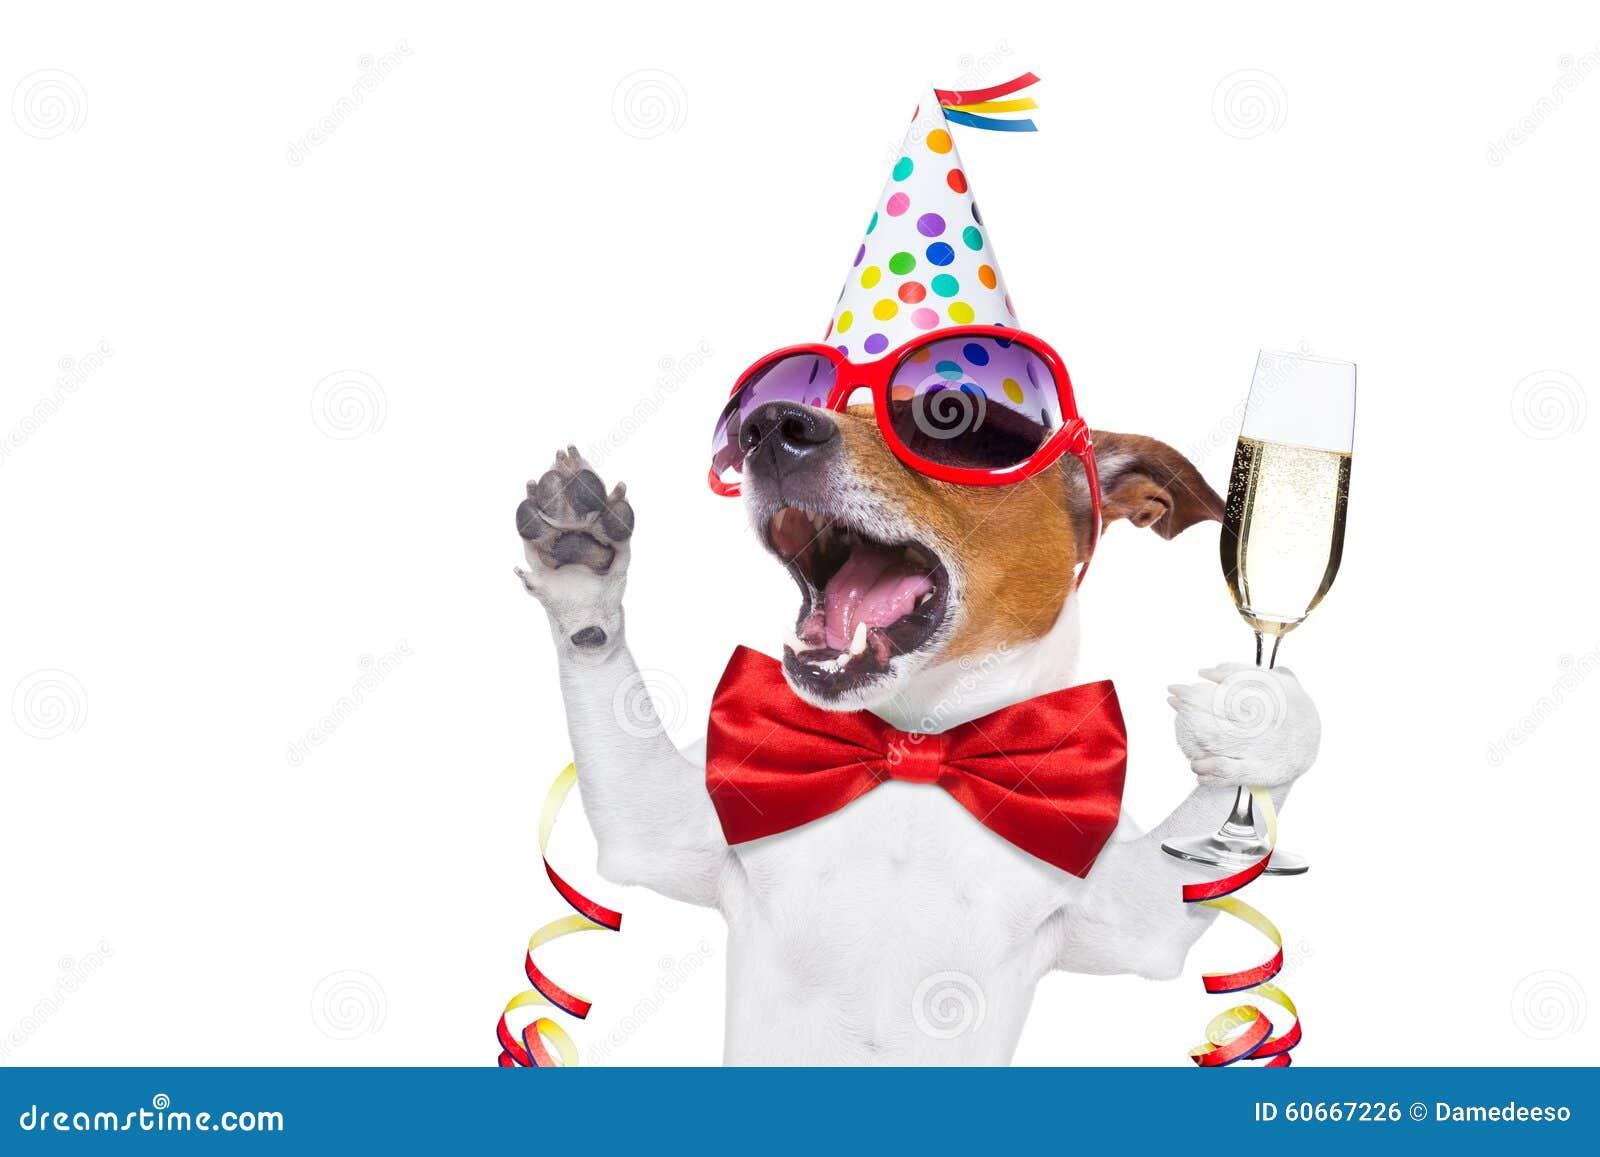 Celebrating New Year Eve